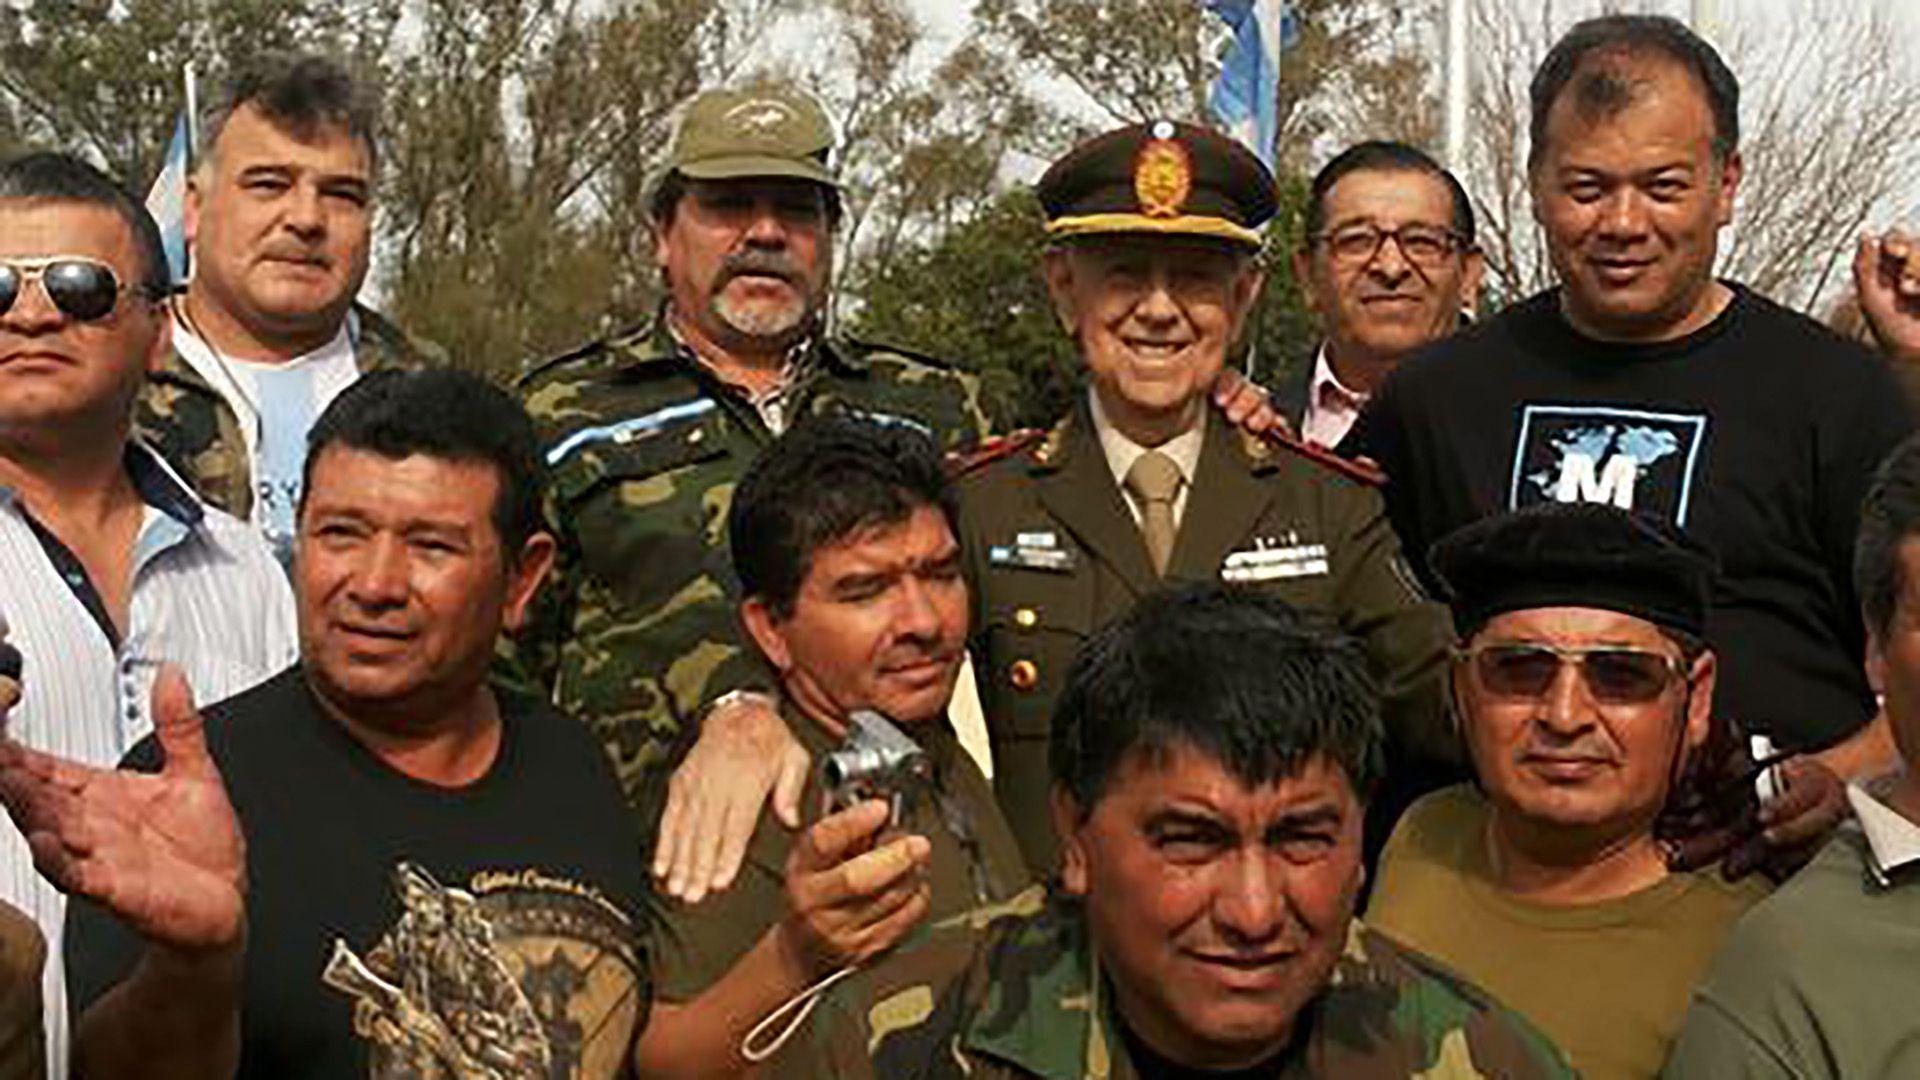 Quienes rodean al ya muerto General Mabragaña, todos soldados conscriptos, dan testimonio del  reconocimiento a su liderazgo de quienes sirvieron a la Argentina en Puerto Yapeyú.